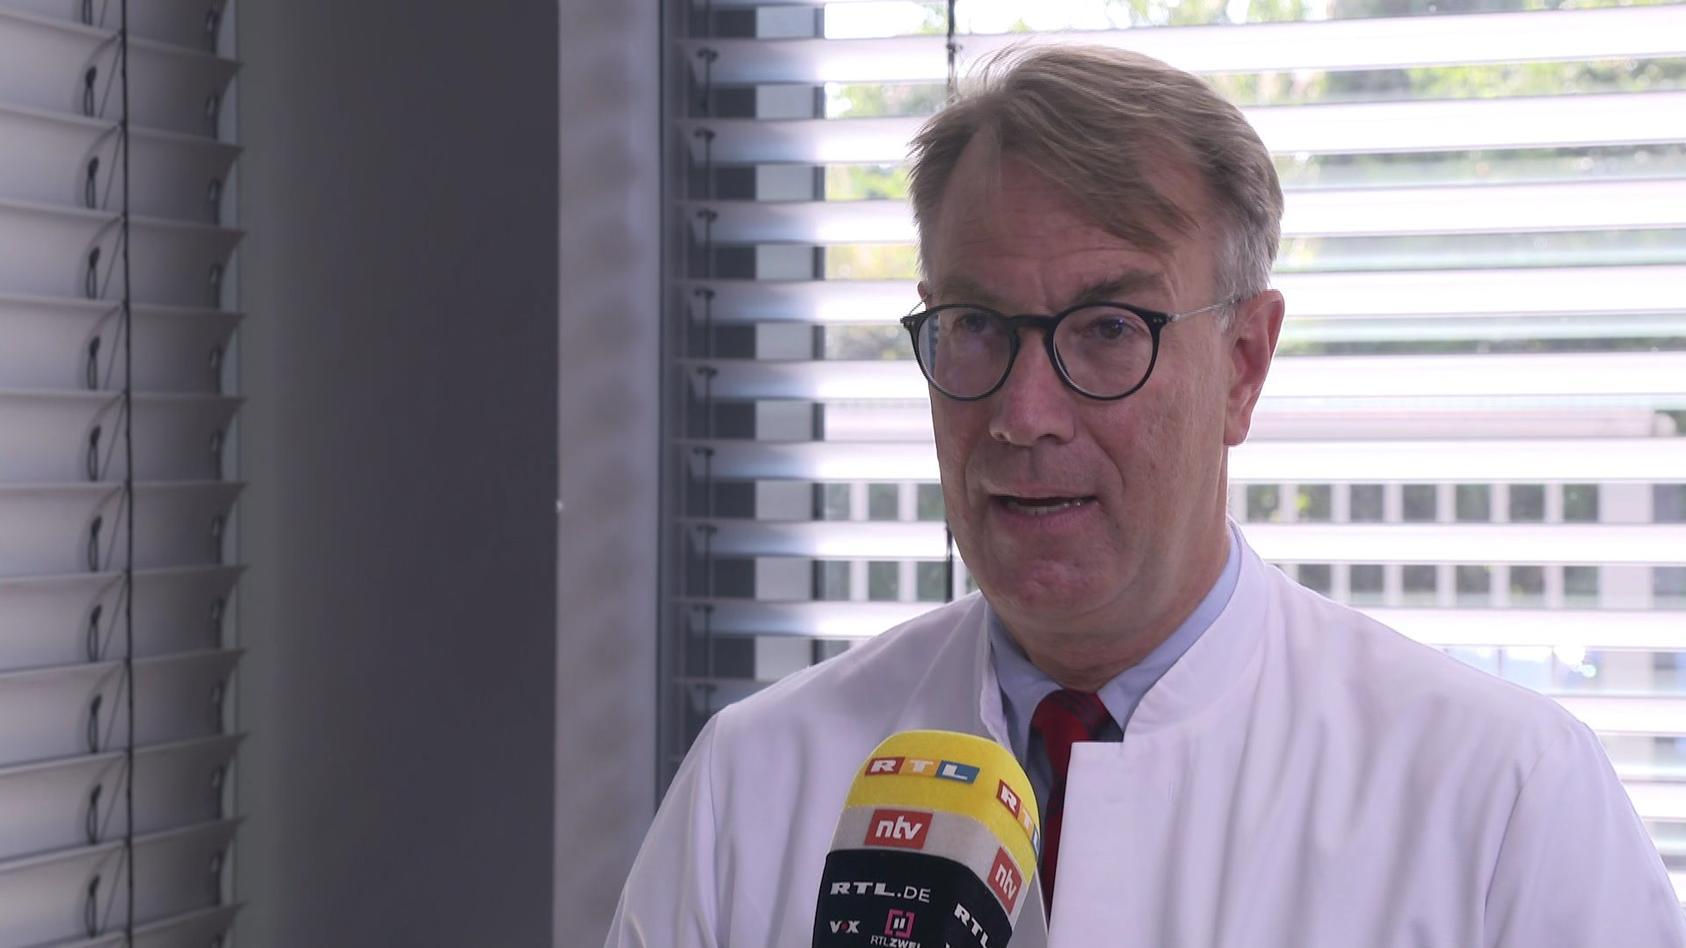 Dr. Georg-Christian Zinn, Direktor des Hygienezentrums Bioscientia, hält Masken in Kitas für sinnvoll.